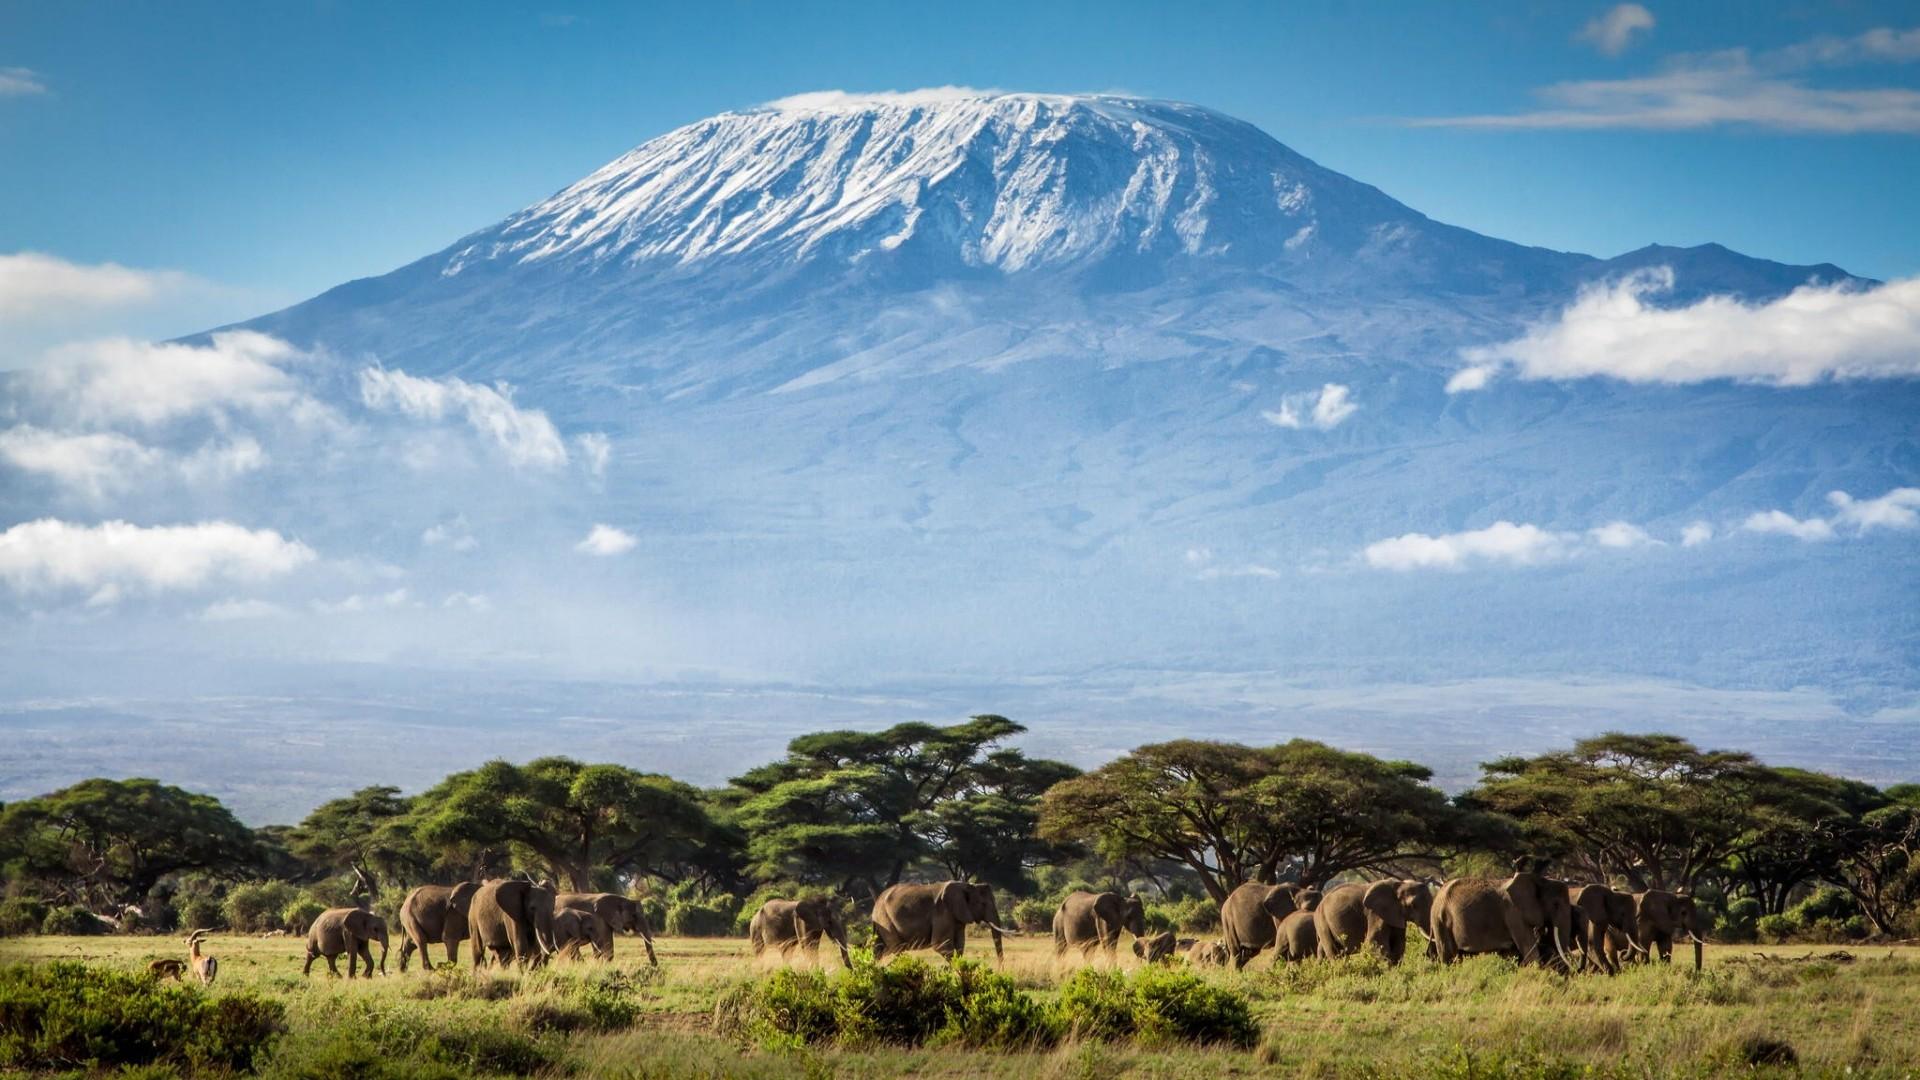 Mt.-Kilimanjaro